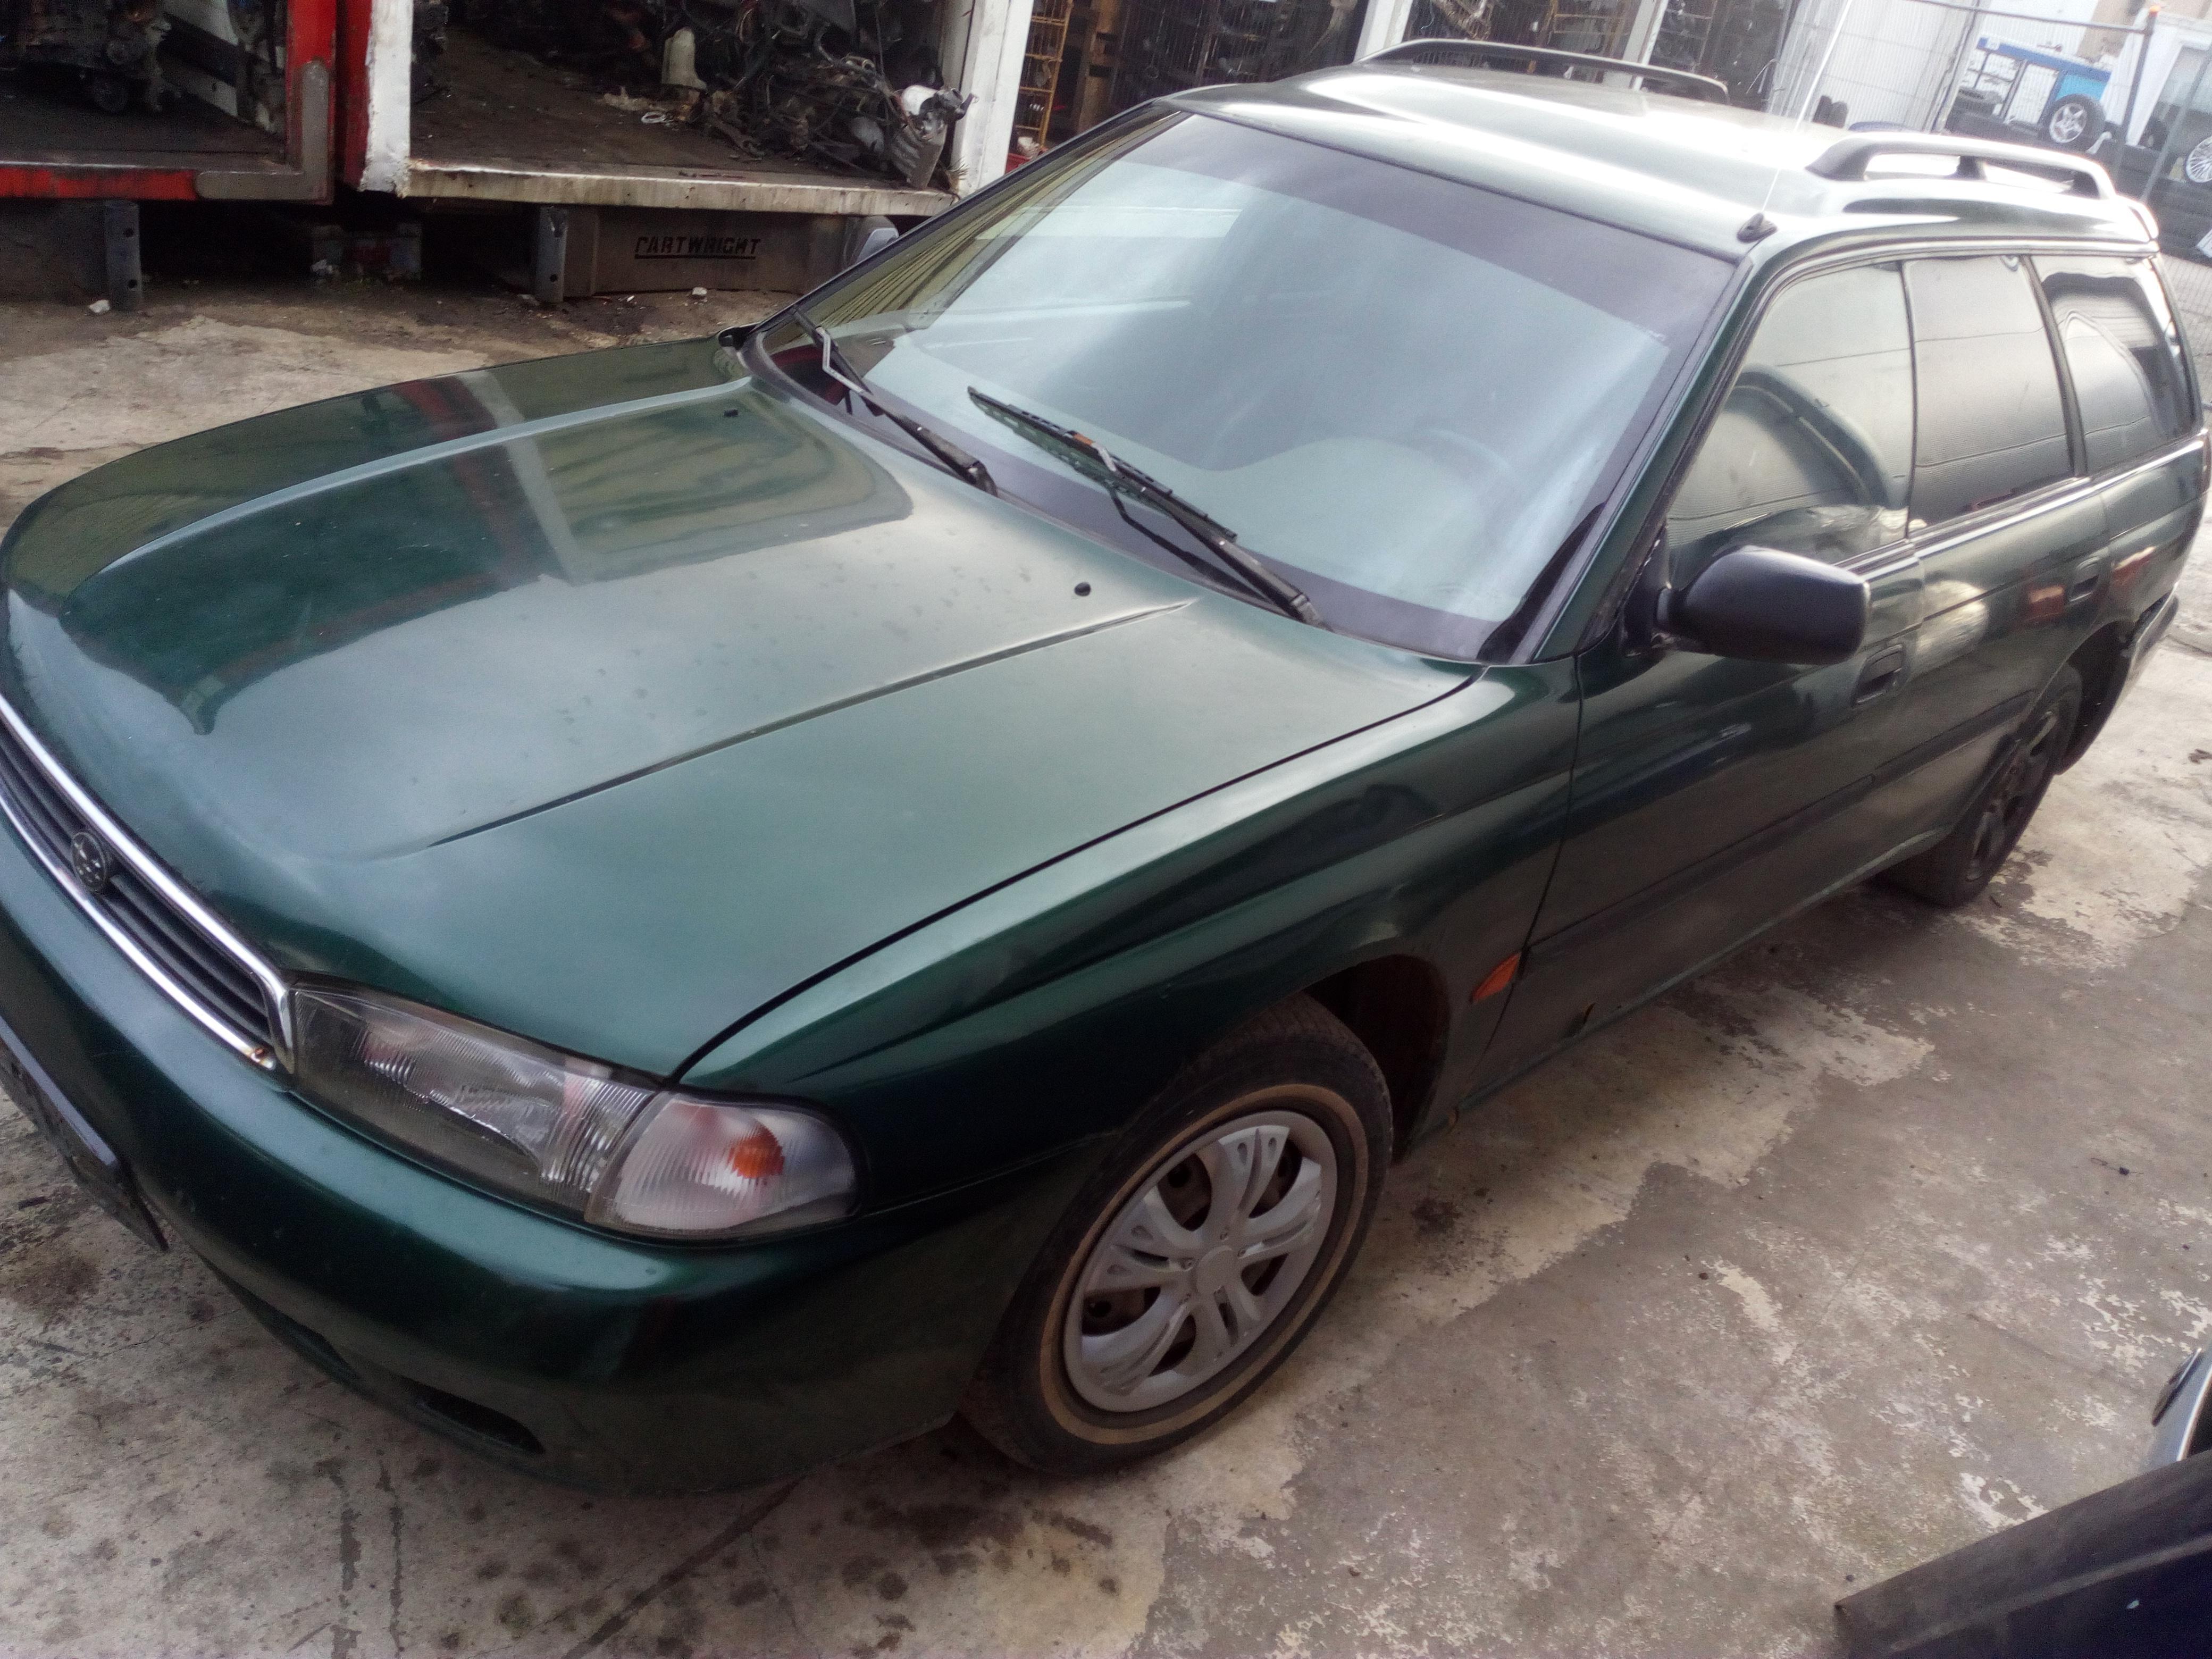 Used Fuse Box Subaru Legacy 1995 20l 20eur Eis00406587 Car 21kg